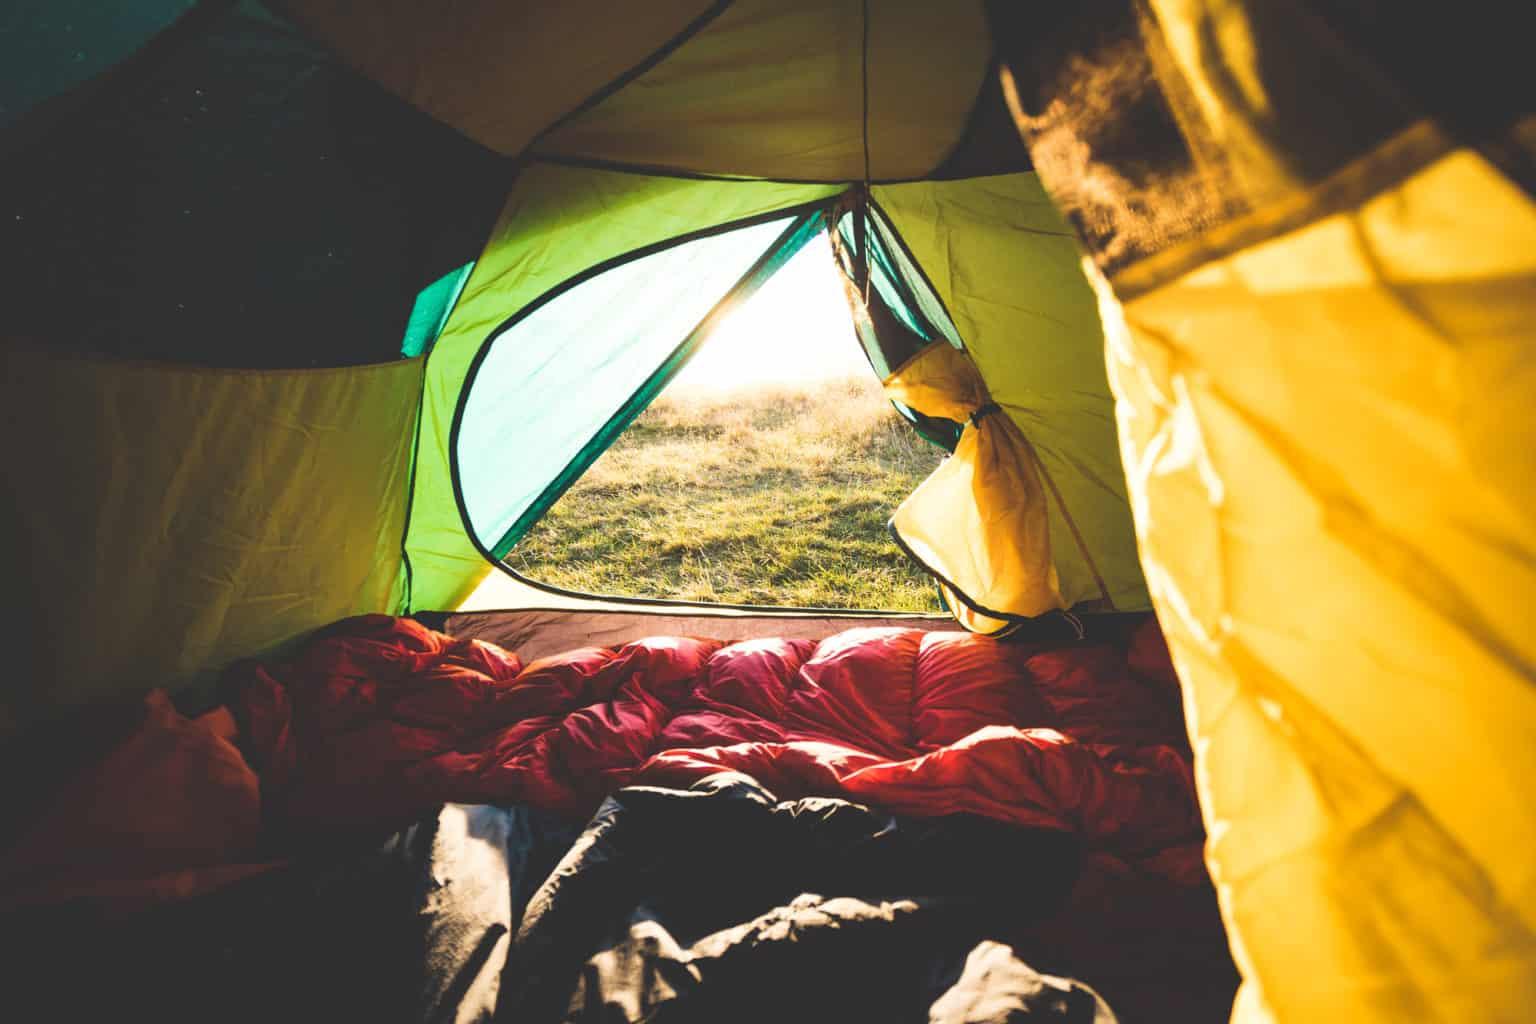 Bedroll vs Sleeping Bags